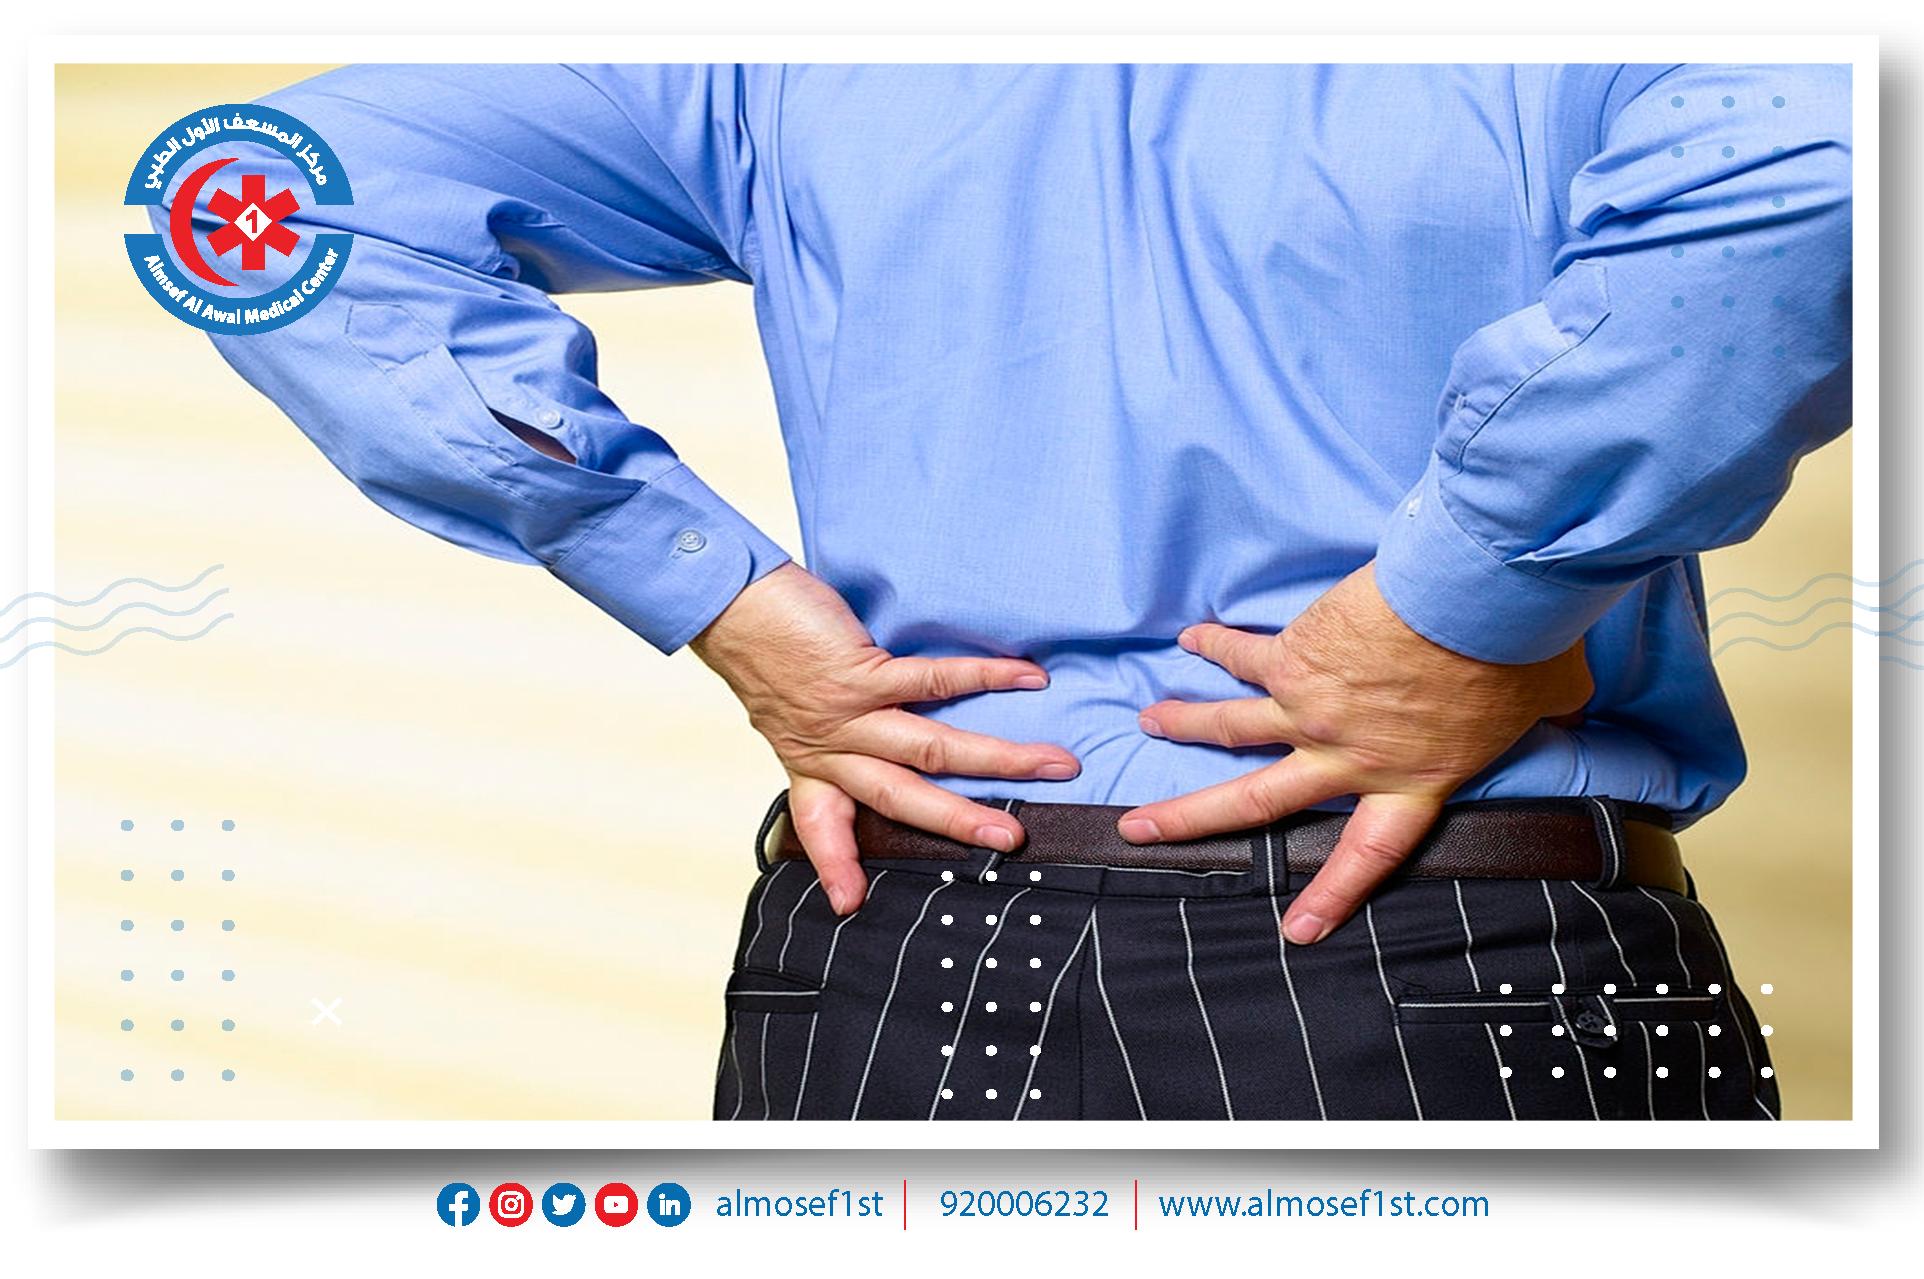 أعراض هشاشة العظام: انتبه فهذه الأعراض موجودة لدى معظمنا!